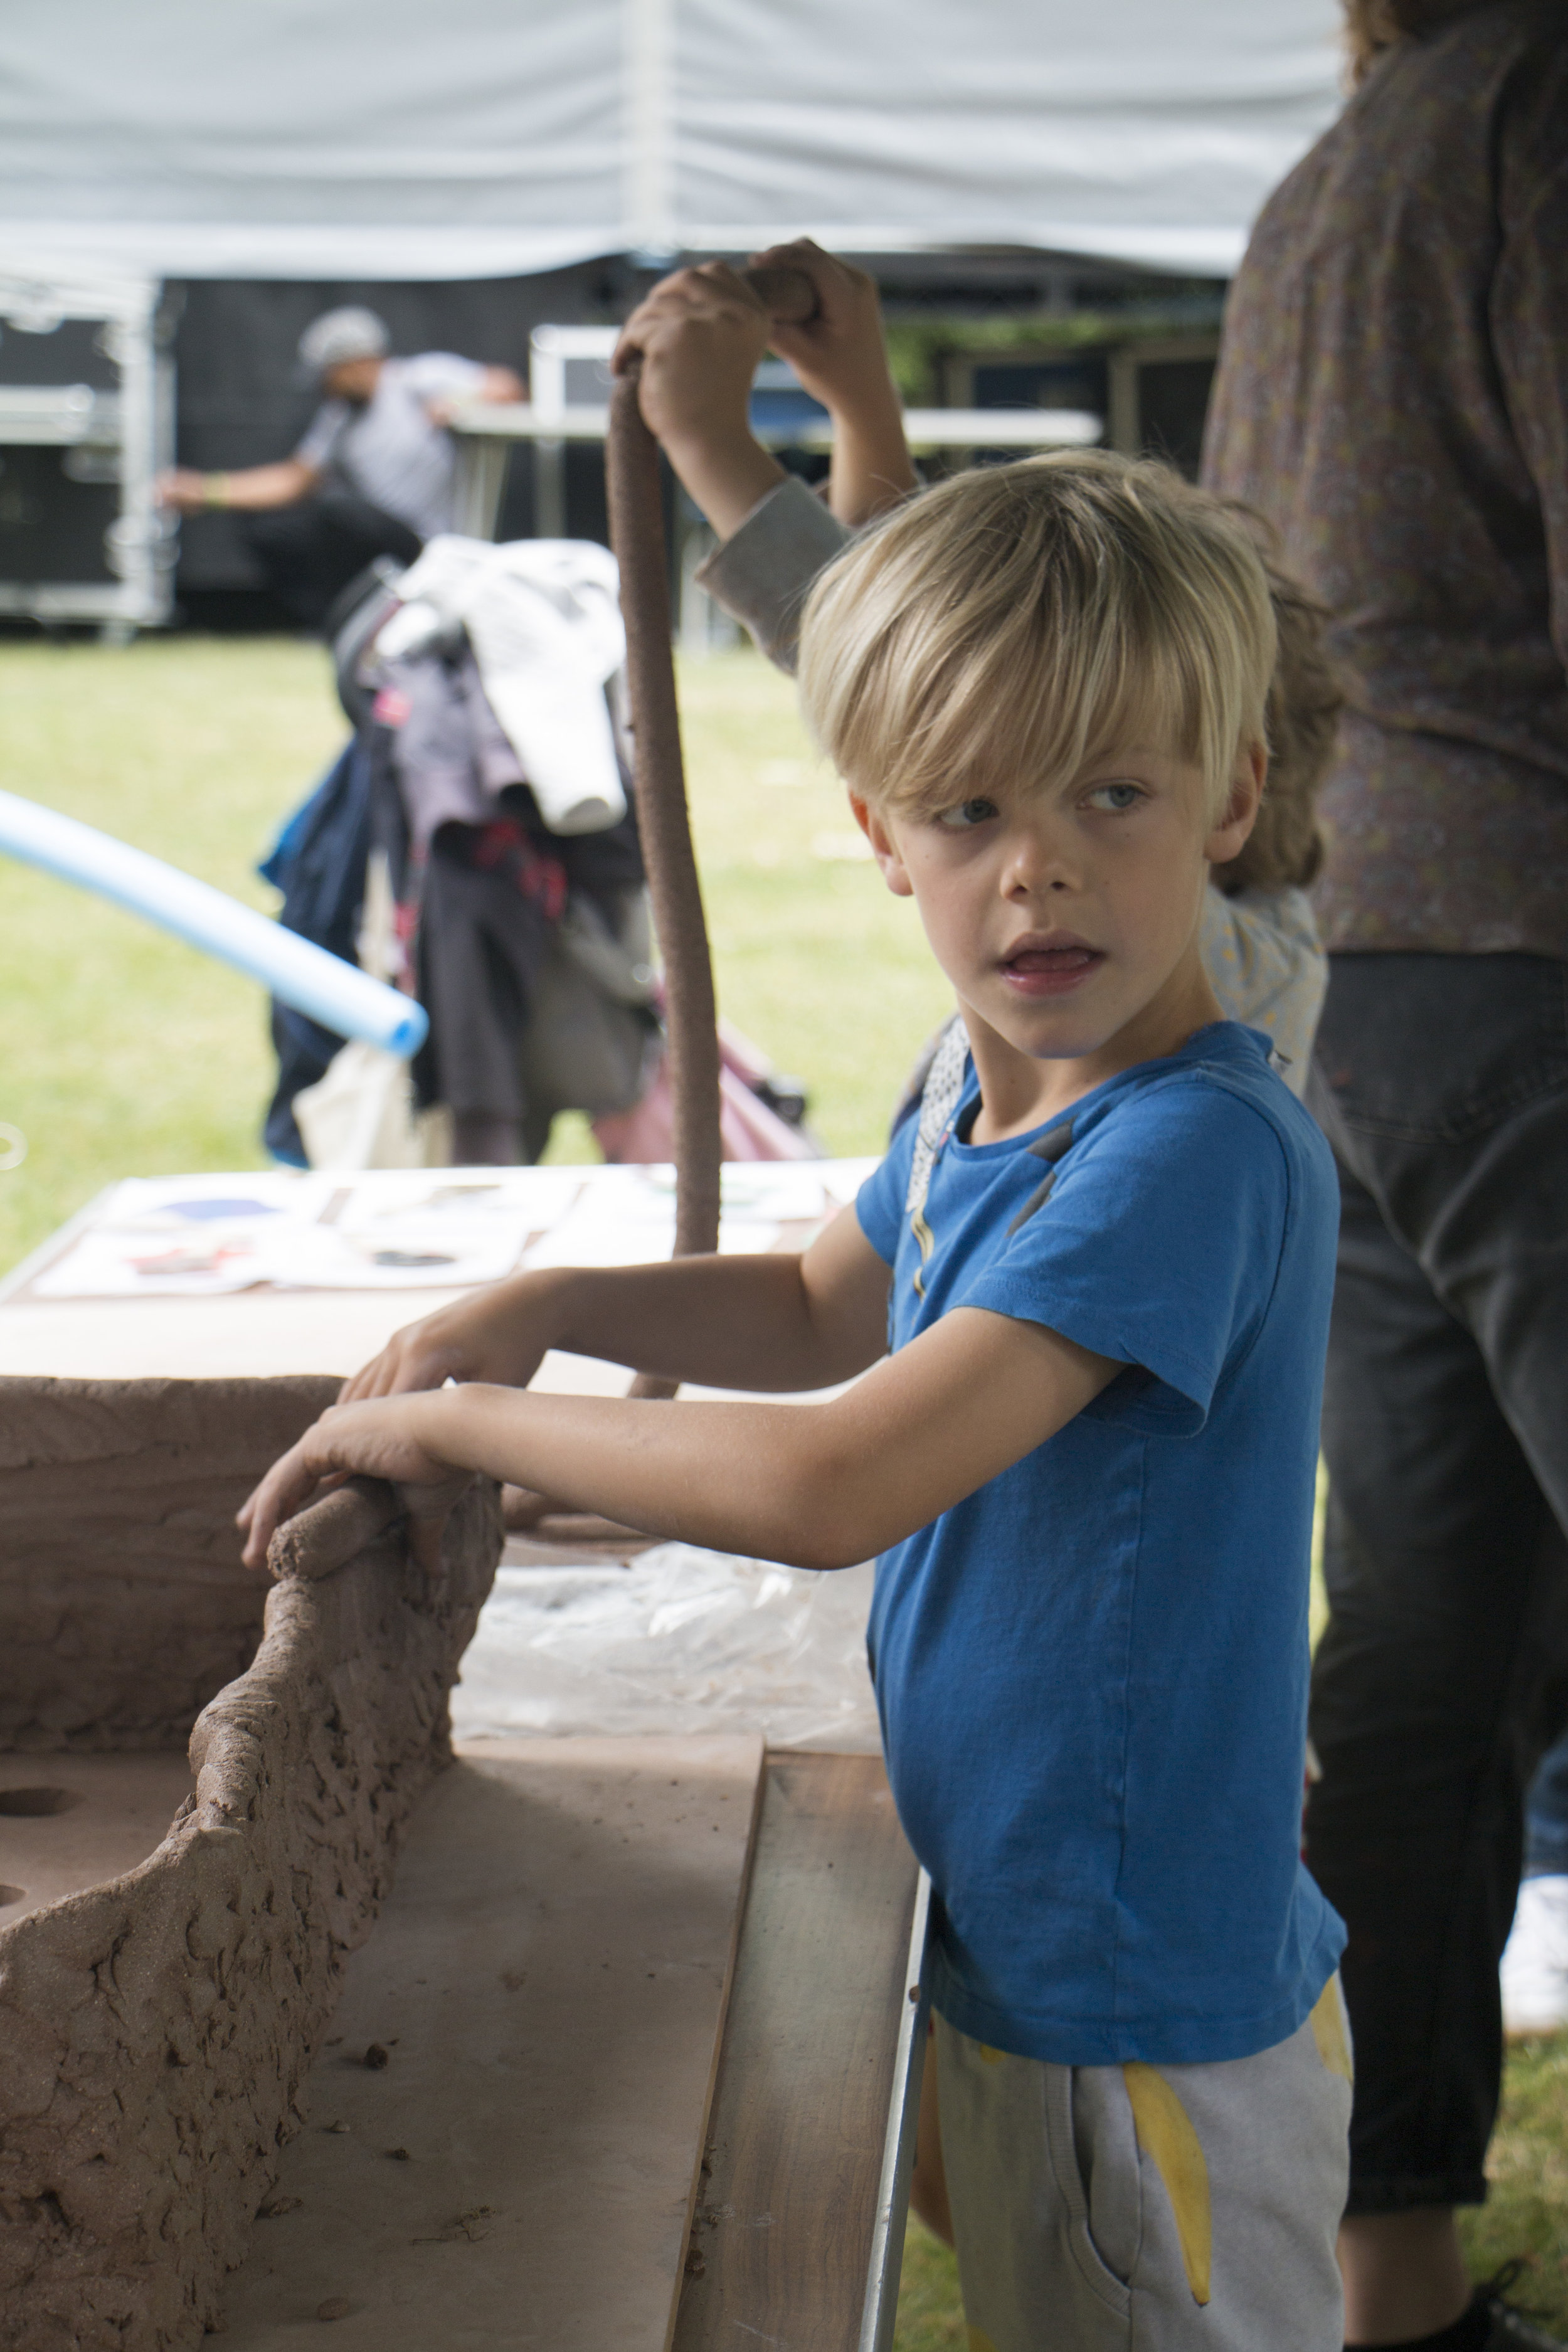 ashleig-camden-festival-2019_15.jpg